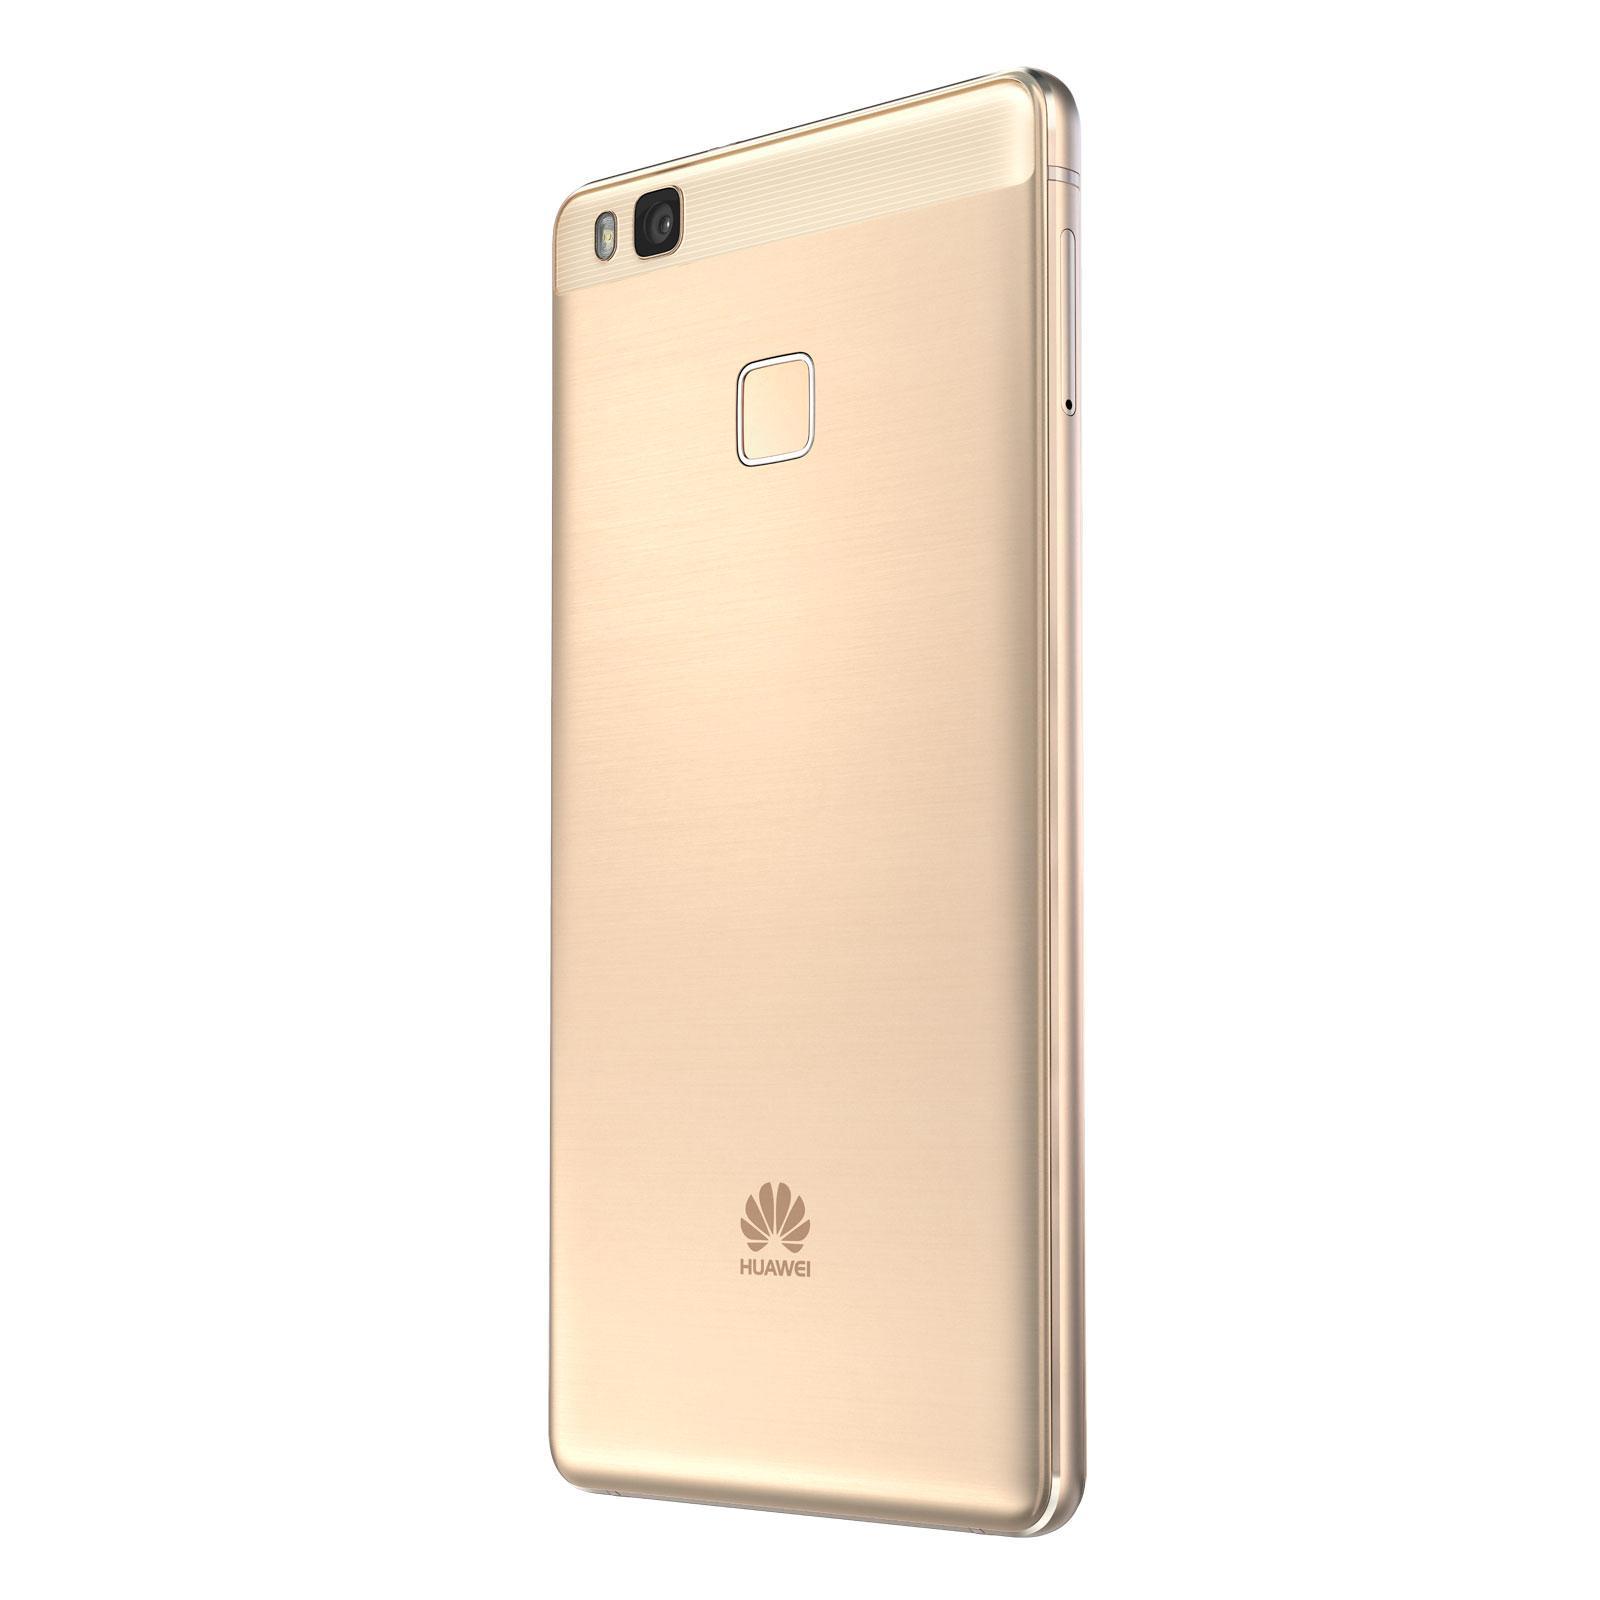 Huawei P9 Lite 16 Go - Or - Débloqué